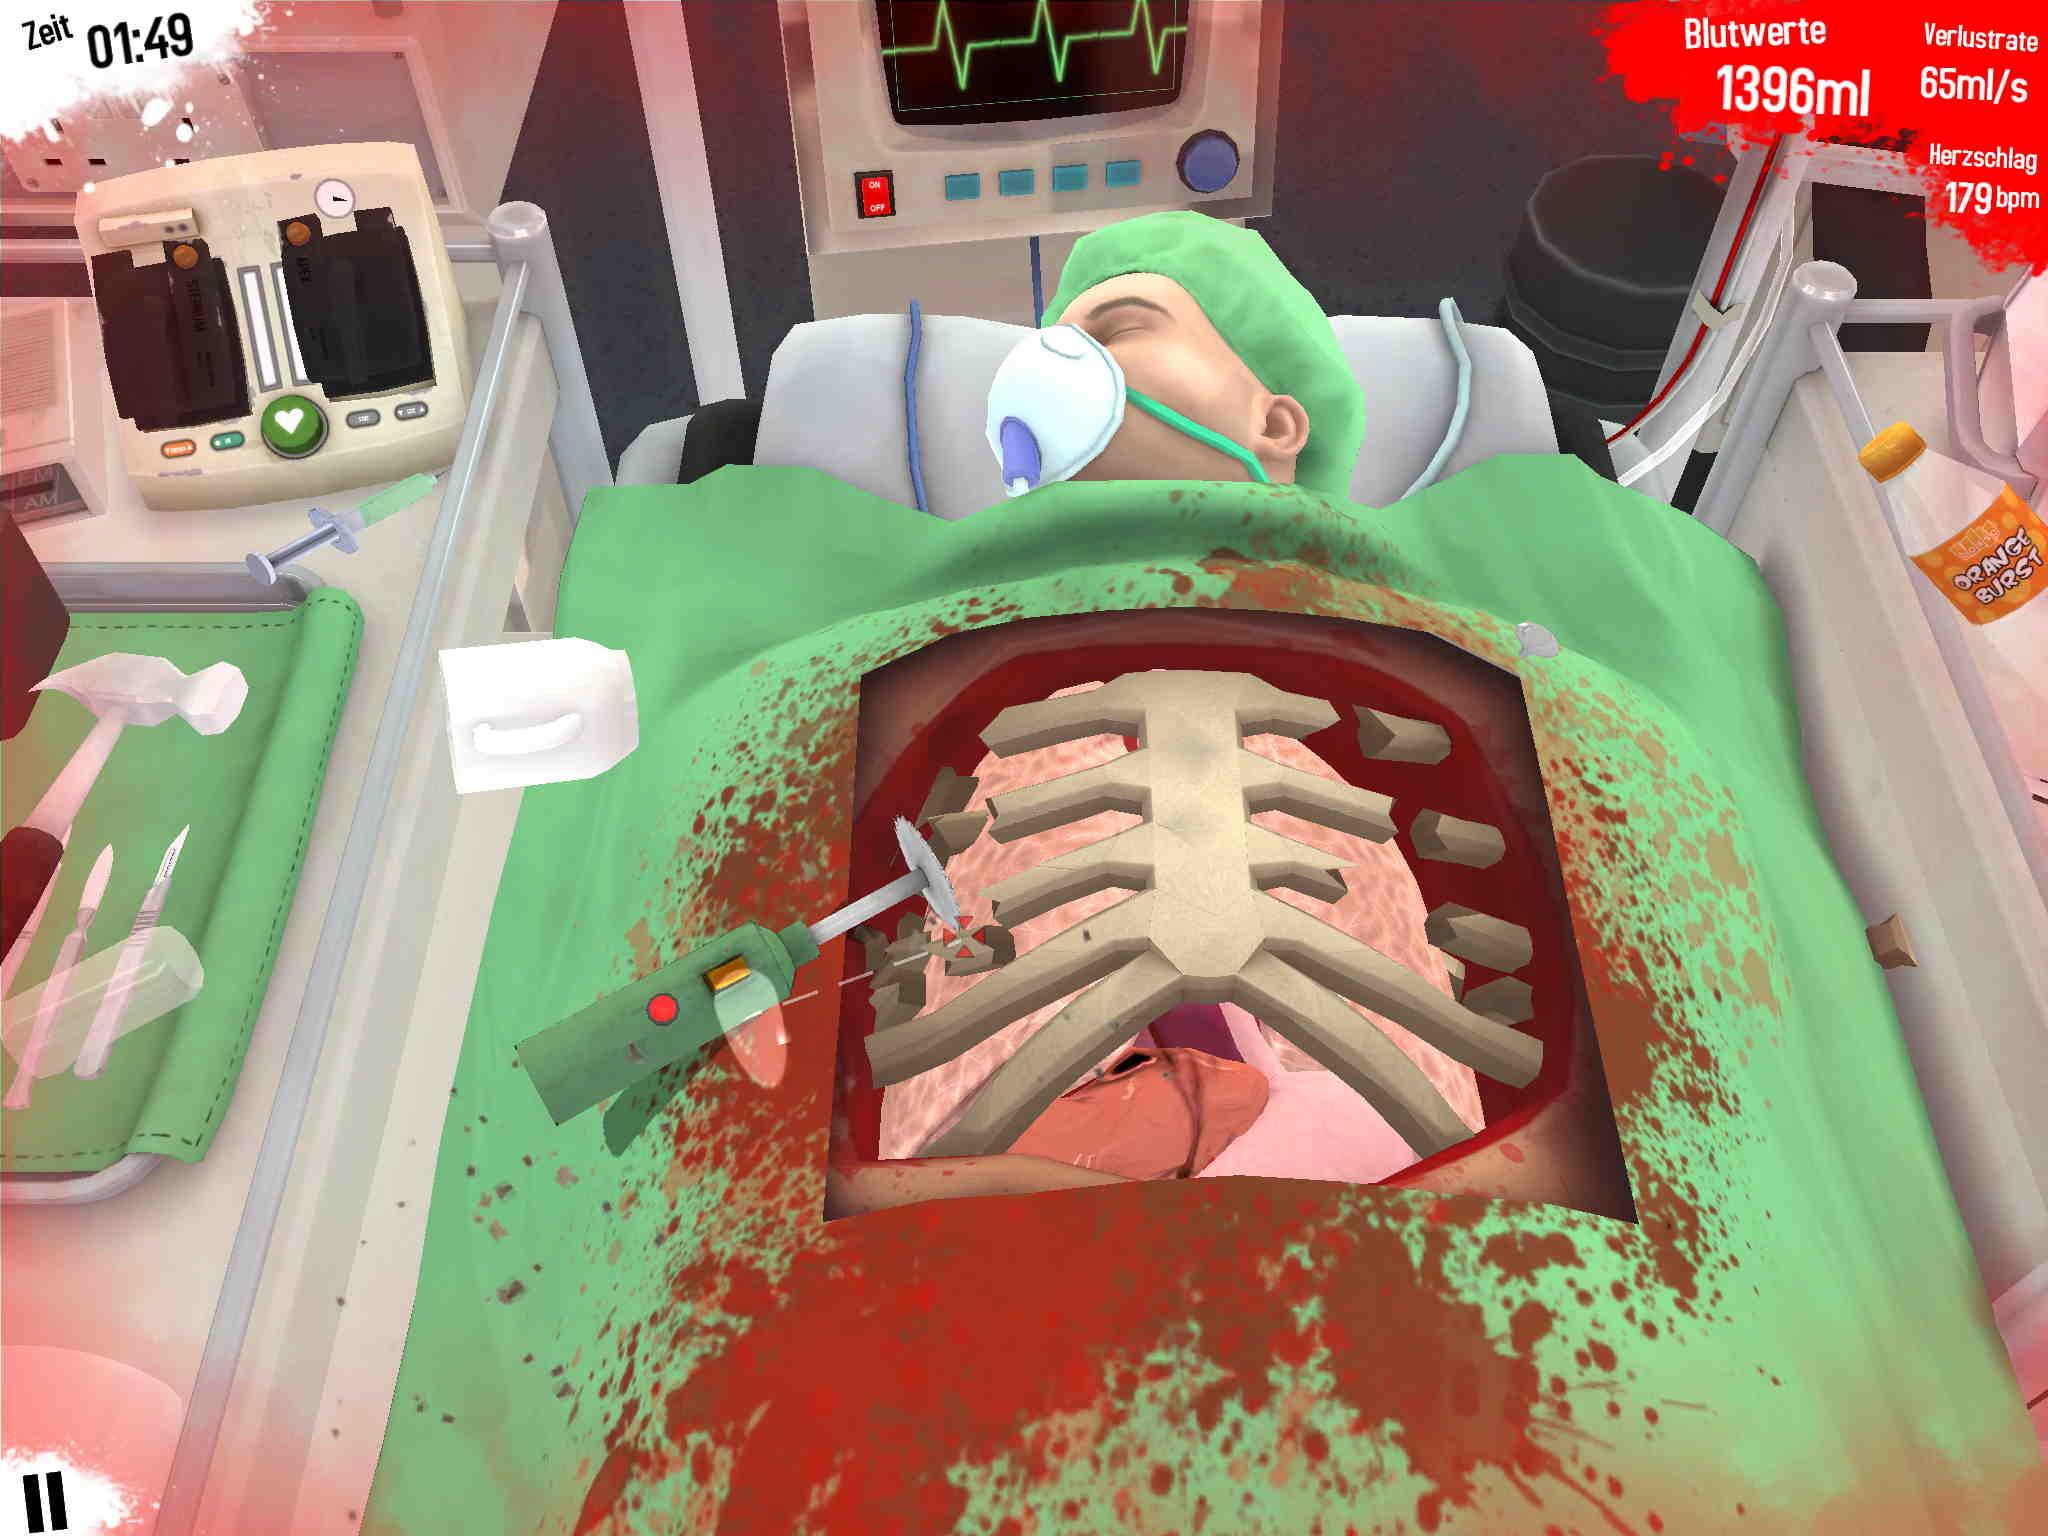 SurgeonSimulator02